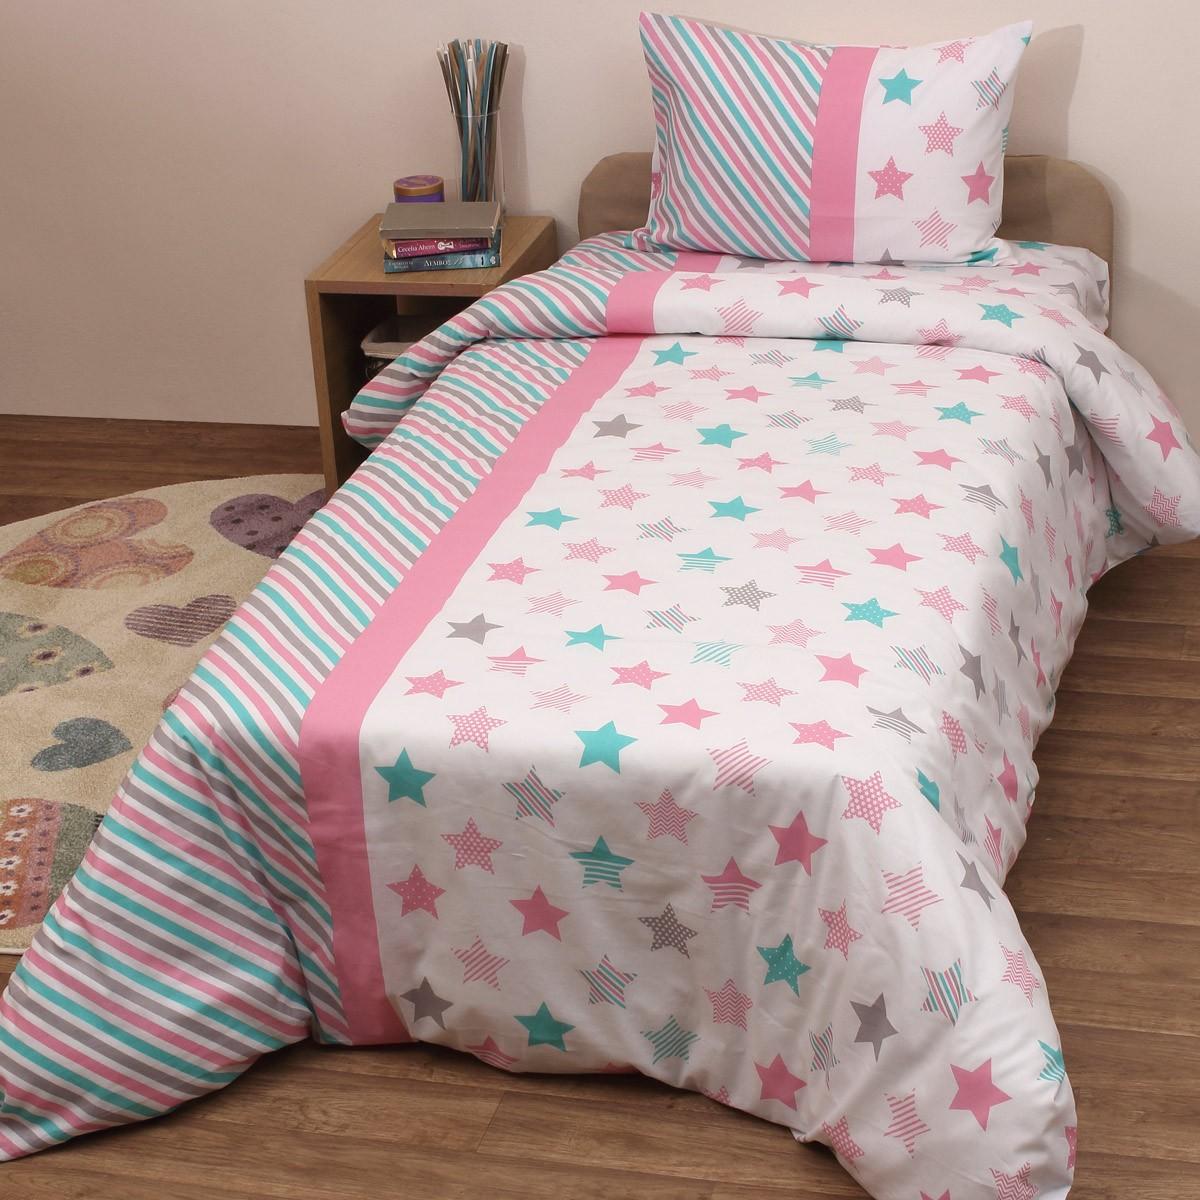 Κουβερλί Κούνιας (Σετ) Viopros Baby Cotton Άστρον Ροζ